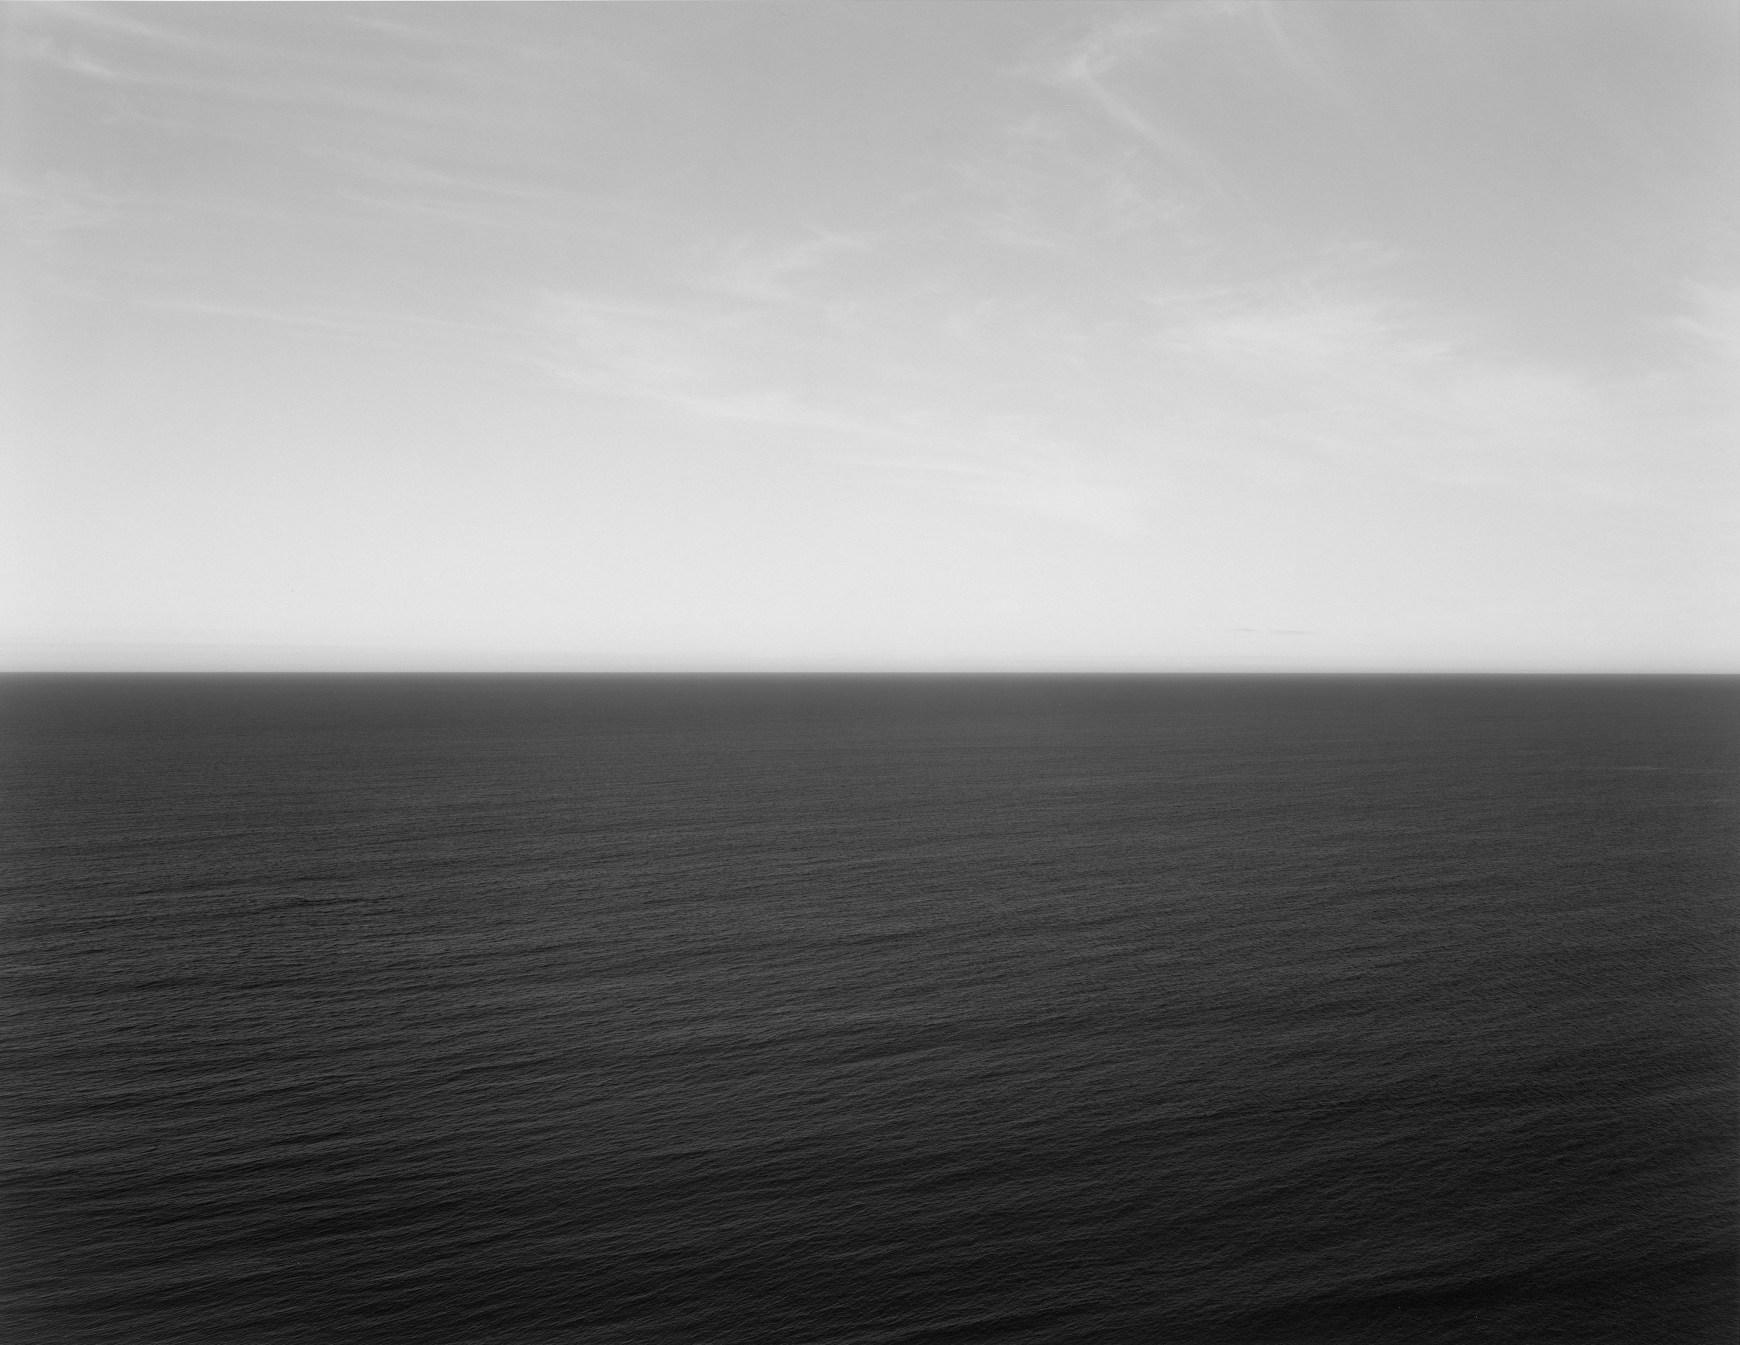 Fotó: Hiroshi Sugimoto: Tasman Sea, Ngarupupu, 1990 © Guggenheim/Hiroshi Sugimoto